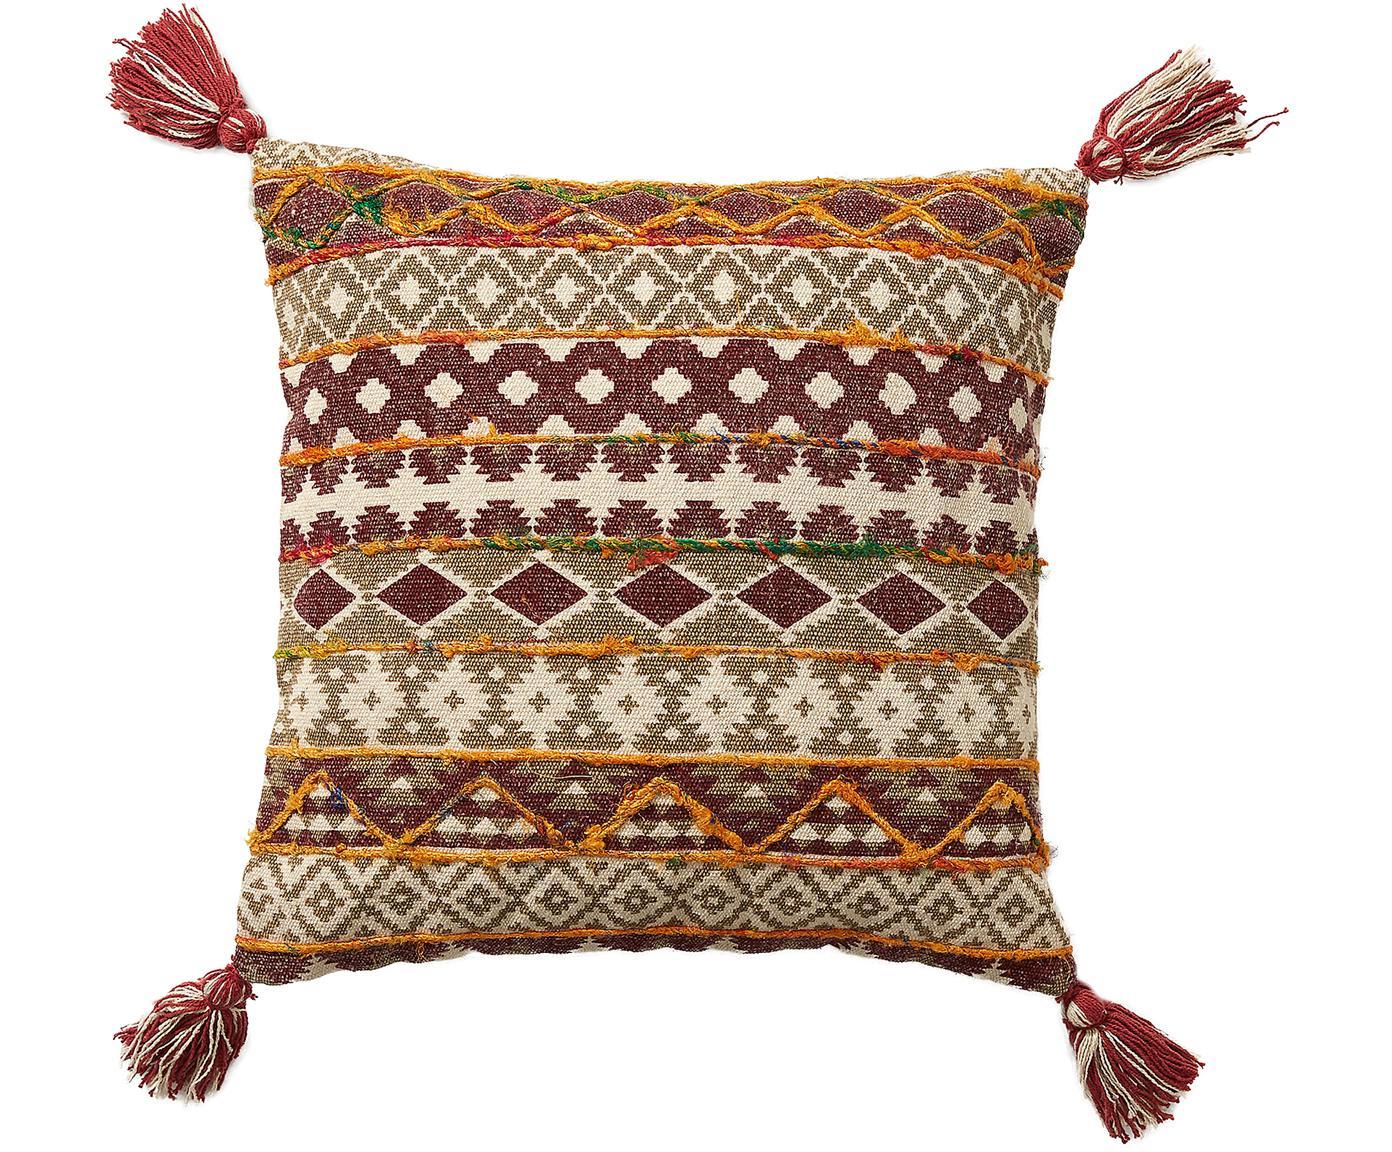 Poszewka na poduszkę z chwostami Mahesana, 100% bawełna, Beżowy, czerwony, żółty, zielony, S 45 x D 45 cm